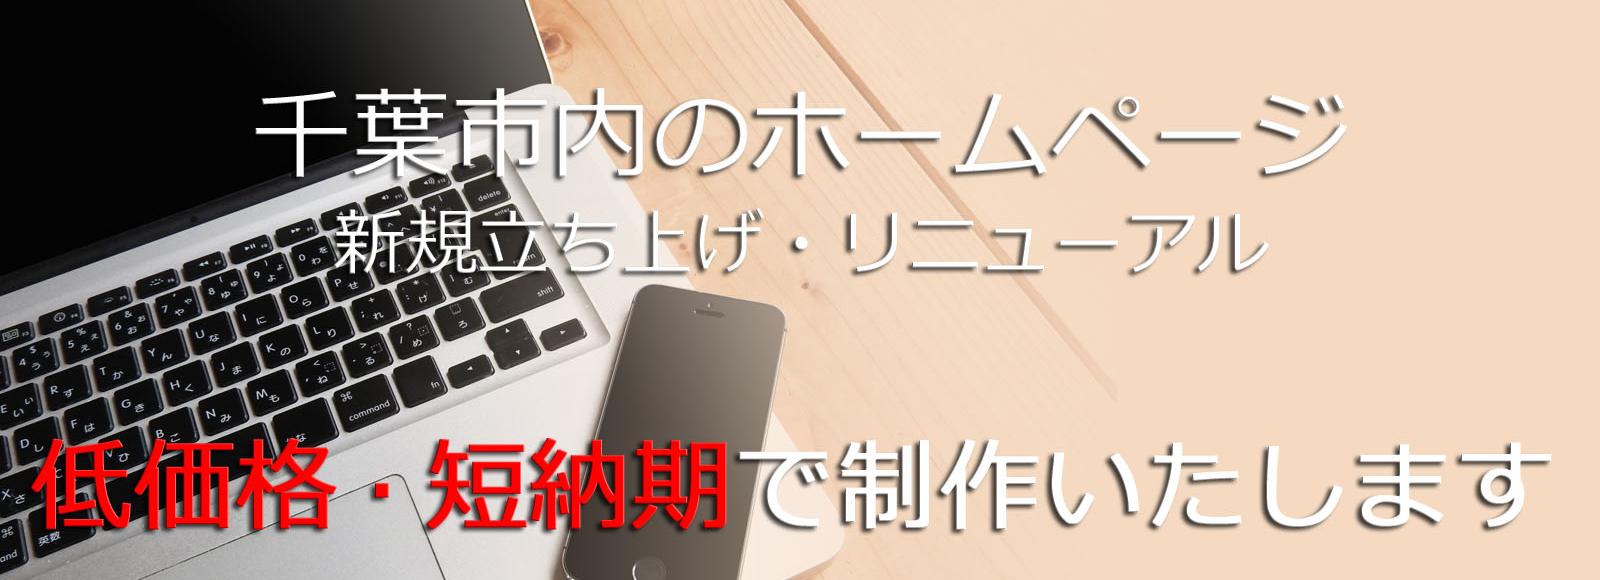 千葉のホームページ制作